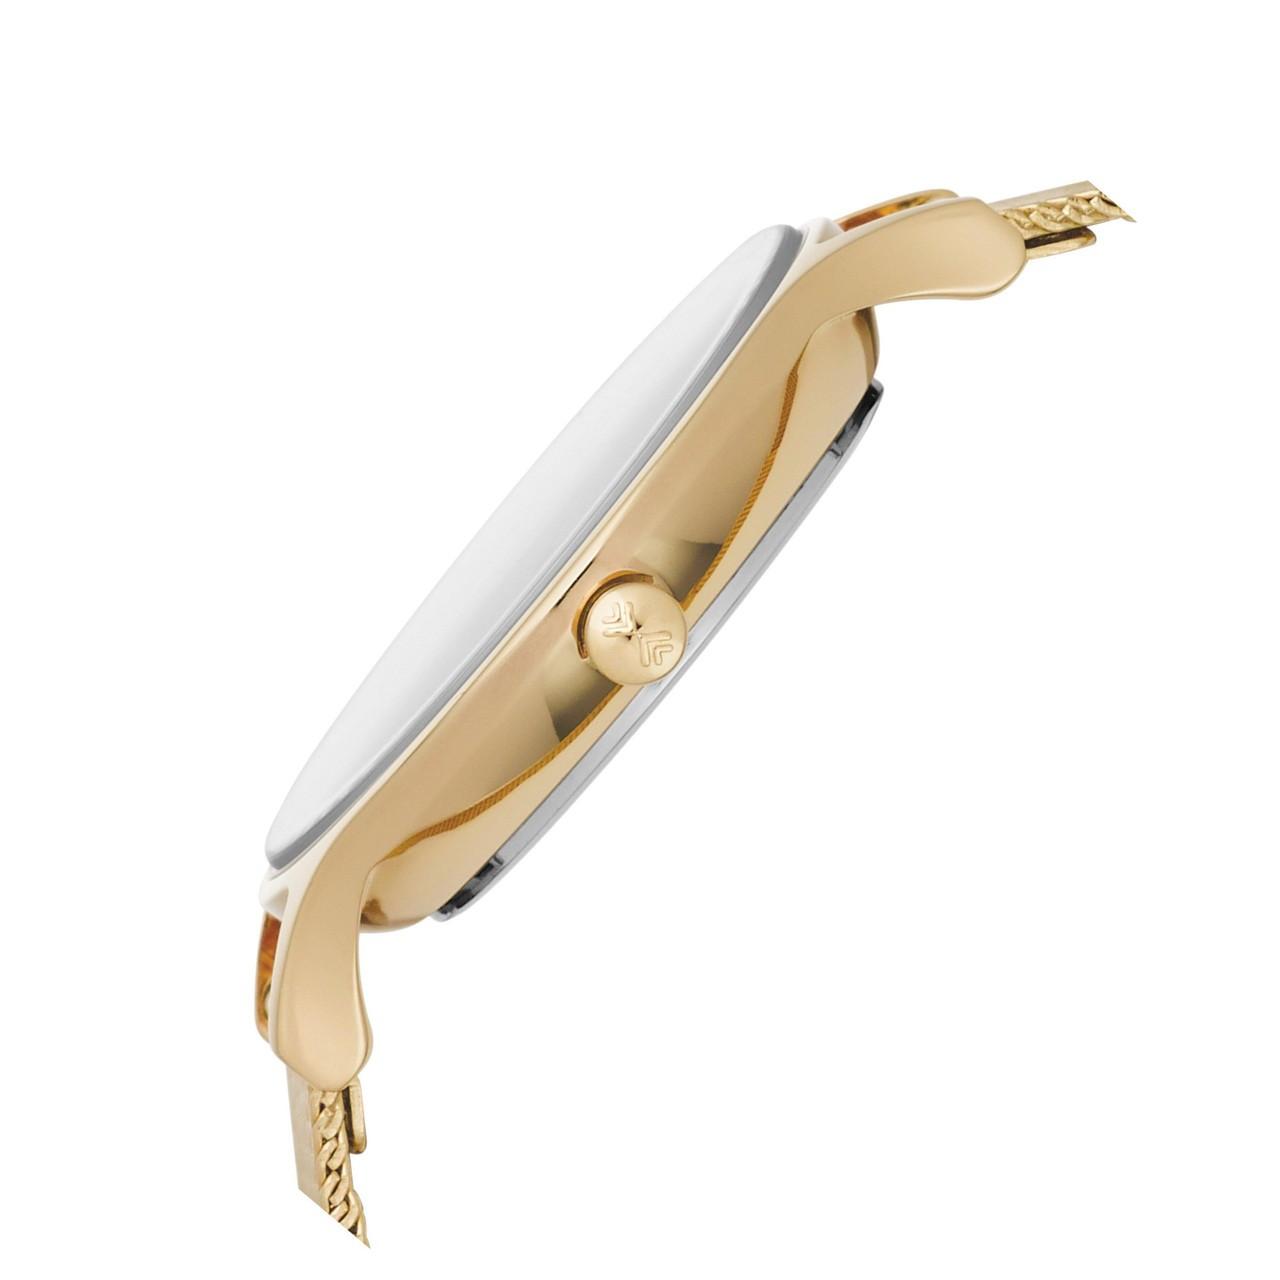 Watch Review - Skagen SKW2150 Anita Ladies Gold Mesh Strap Watch